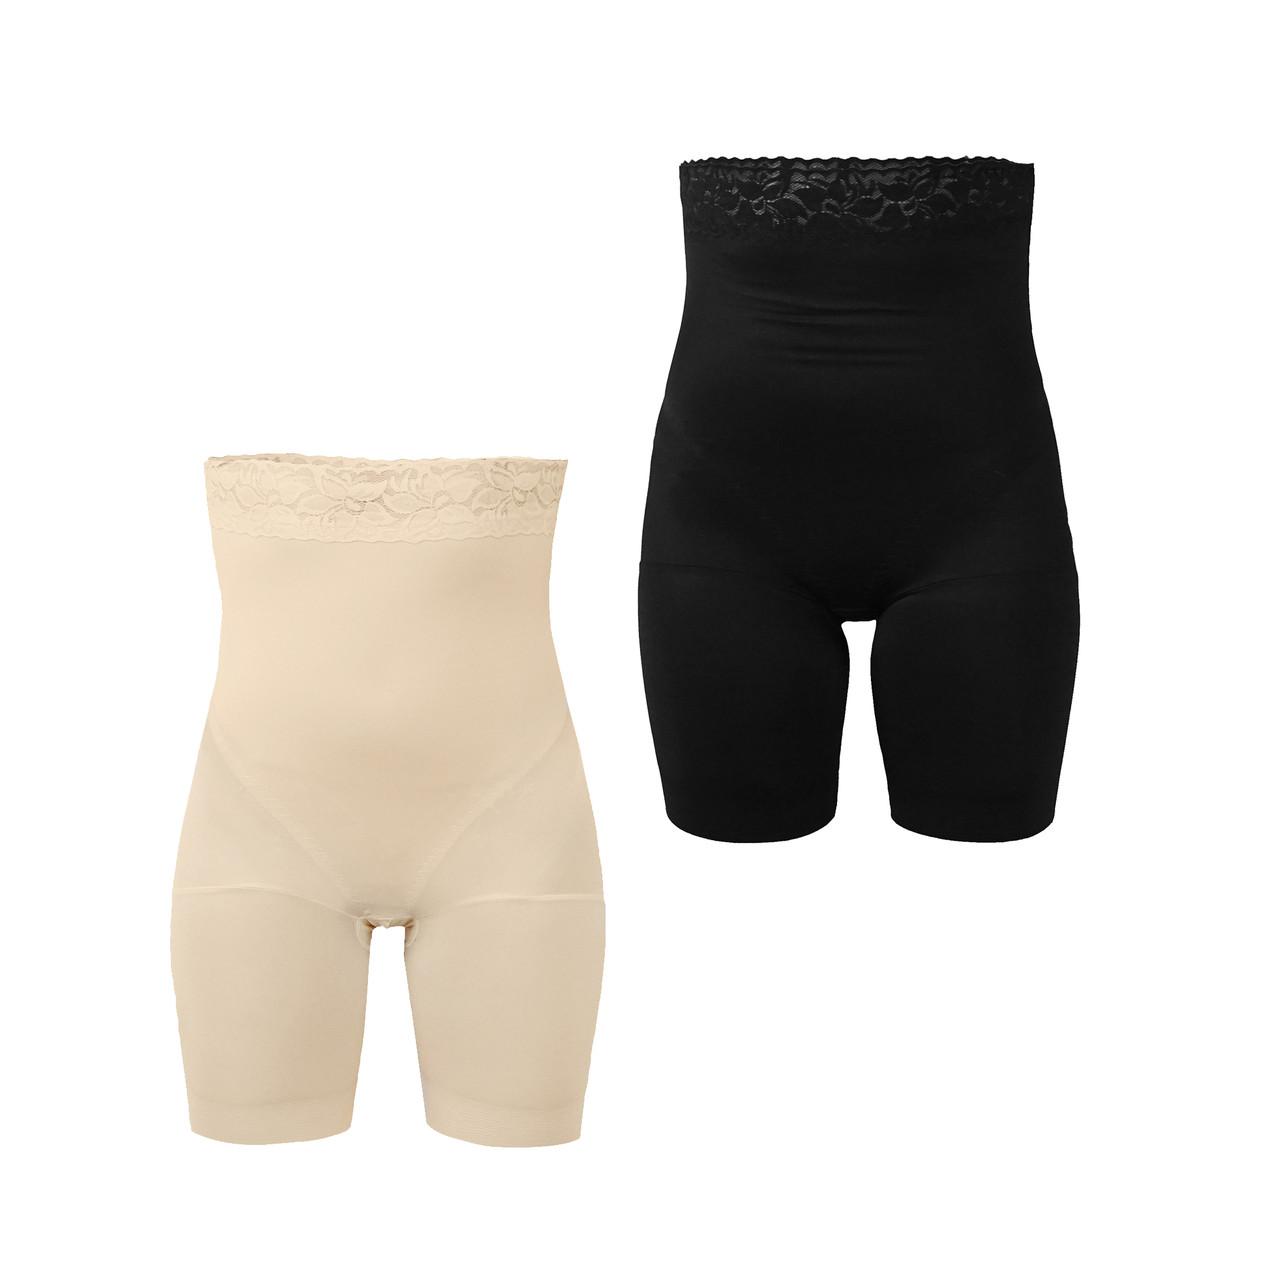 Набор белья для коррекции фигуры (черный и бежевый), размер М